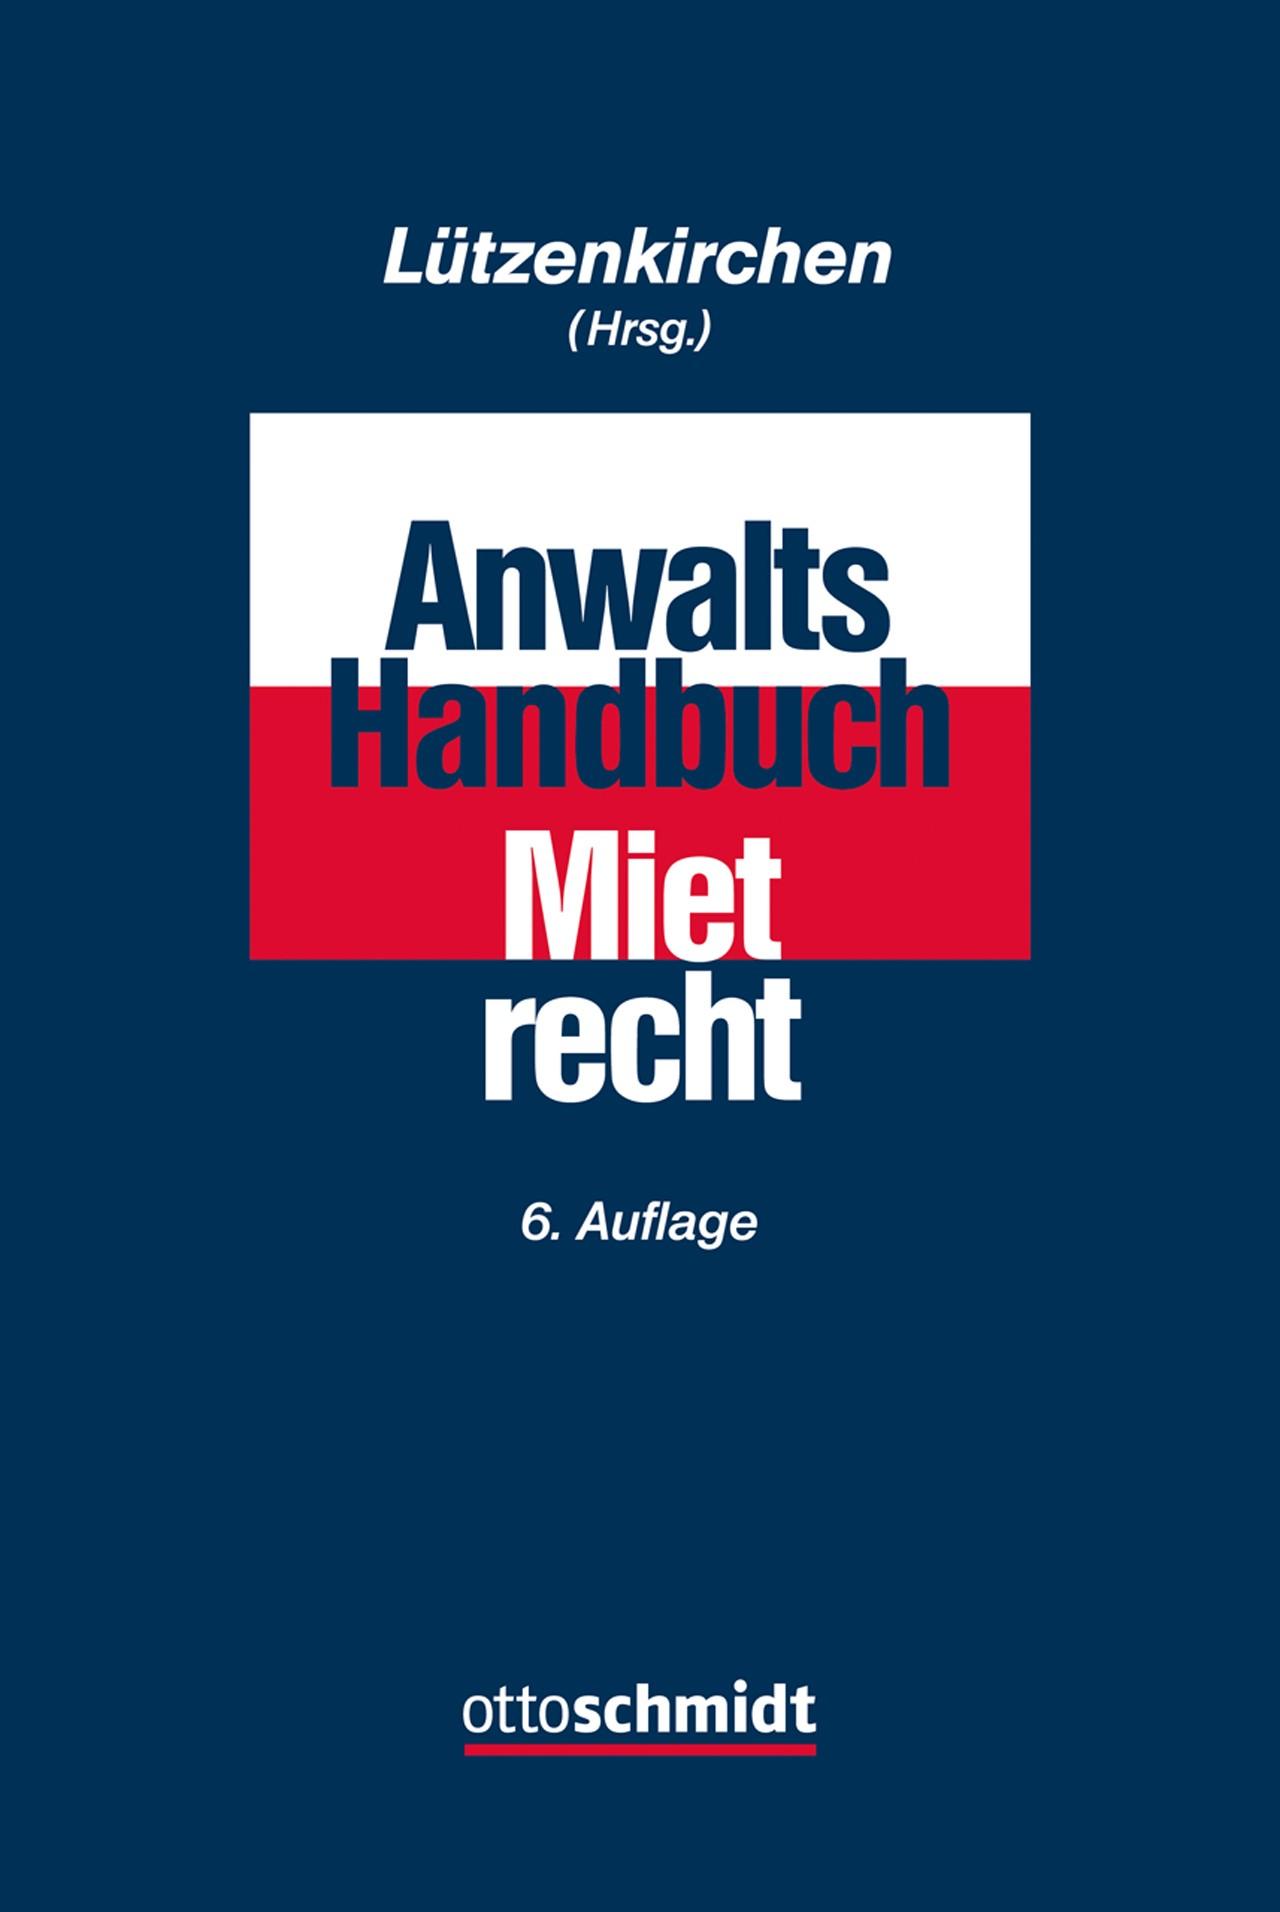 Anwalts-Handbuch Mietrecht | Lützenkirchen (Hrsg.) | 6., völlig neu bearbeitete Auflage, 2018 | Buch (Cover)